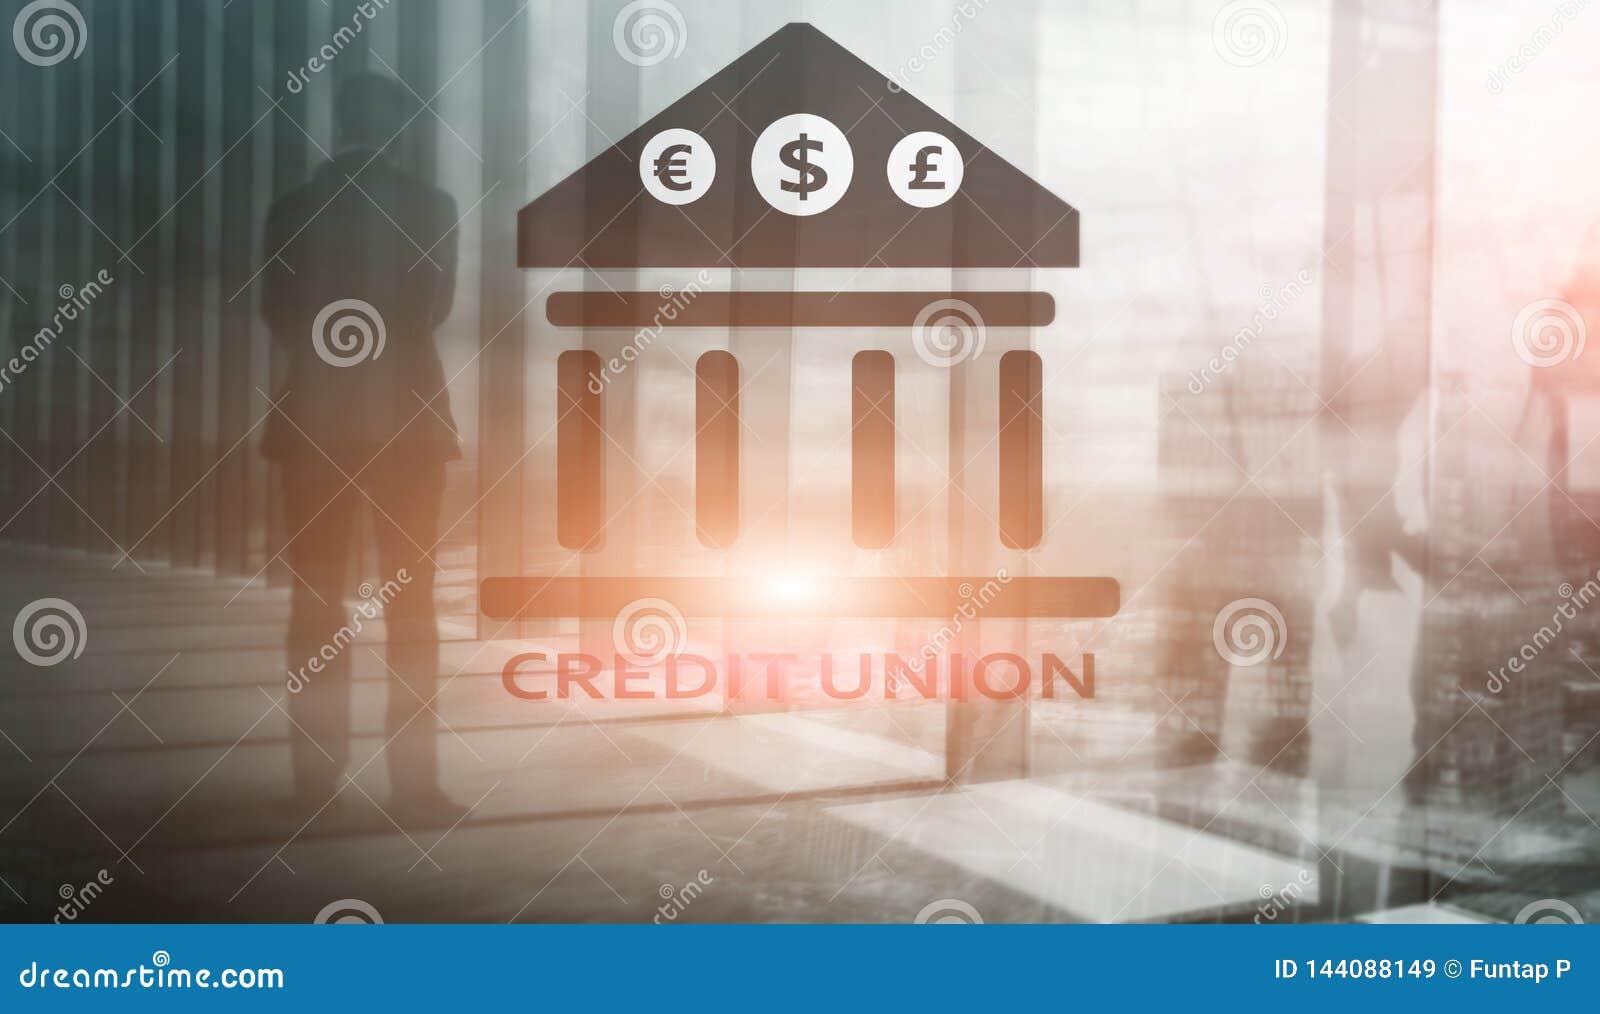 Credit Union Servicios bancarios cooperativos financieros Fondo abstracto de las finanzas